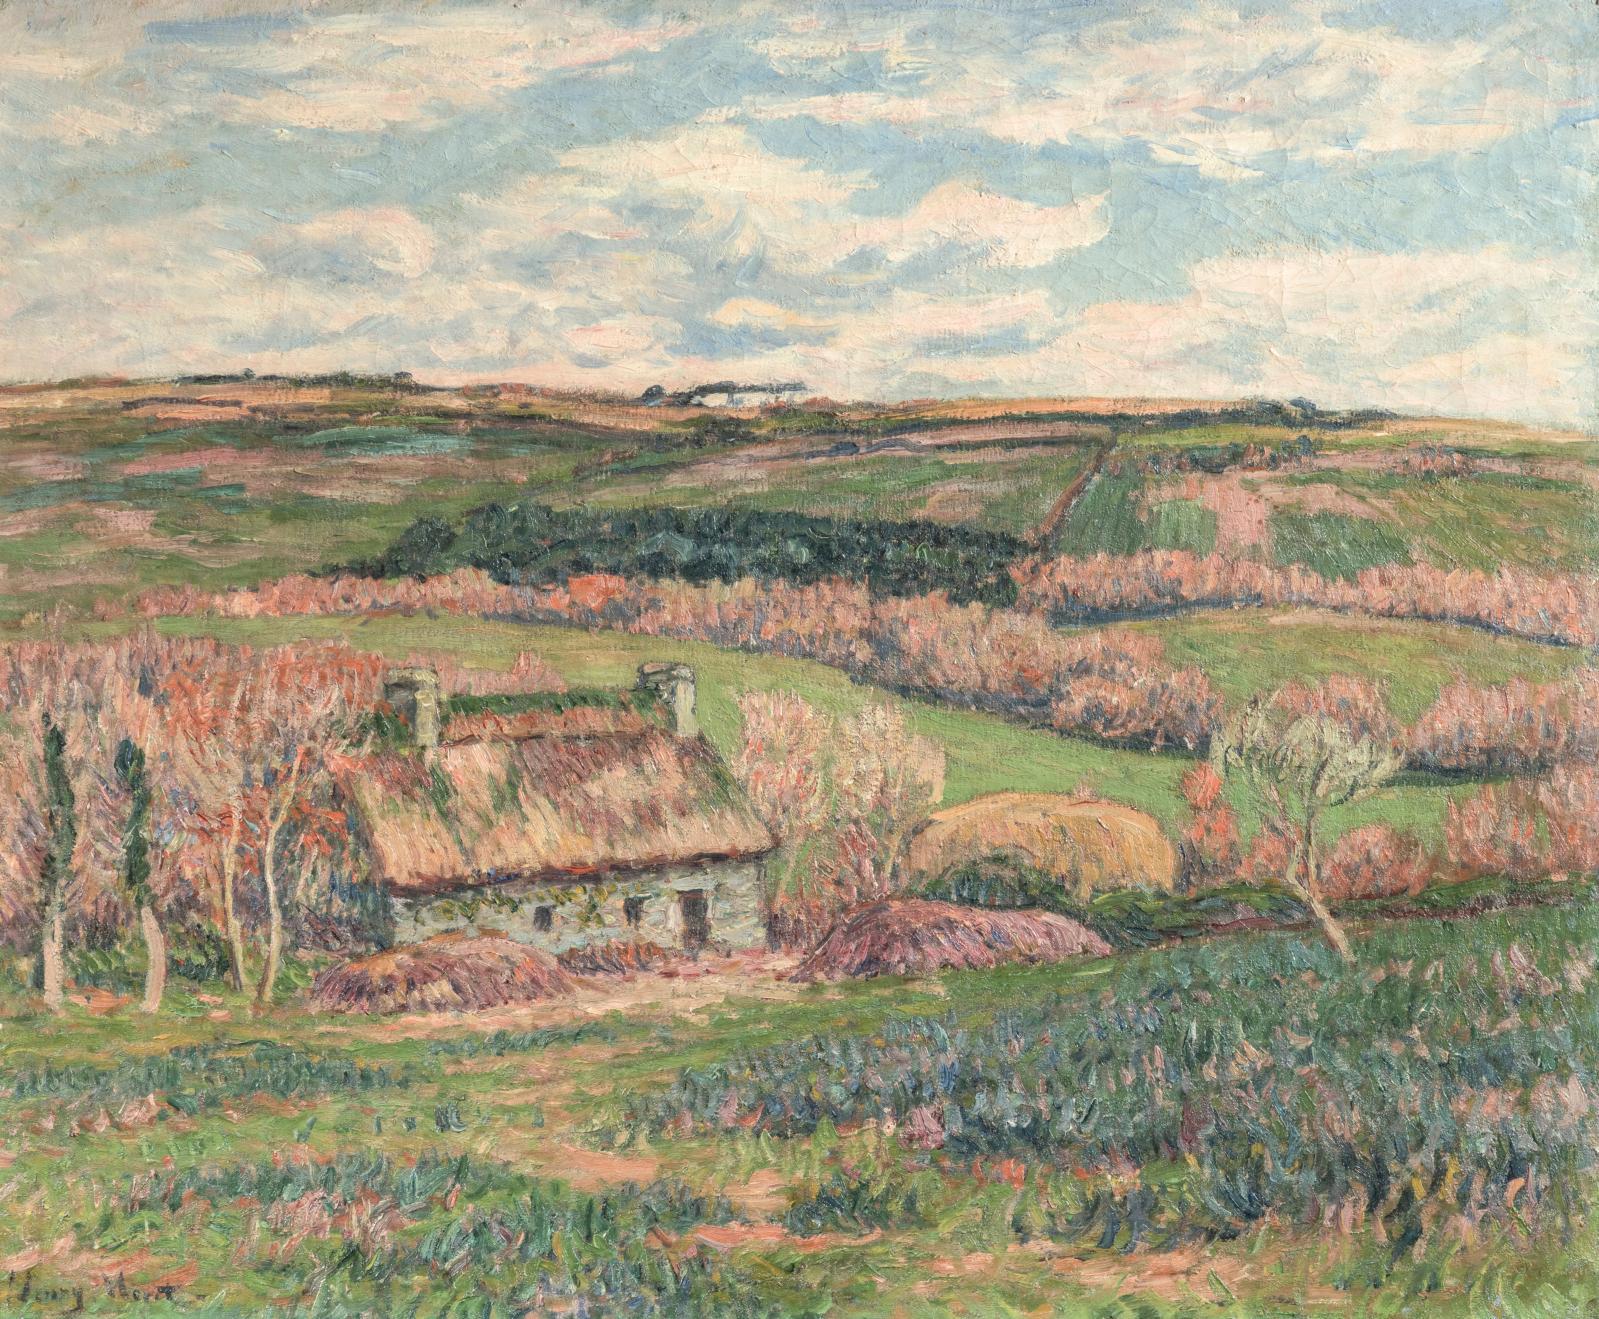 Henry Moret (1856-1913), Chaumière aux environs de Doëlan, vers 1910-1911, huile sur toile, 60x74cm. Estimation: autour de 40000€